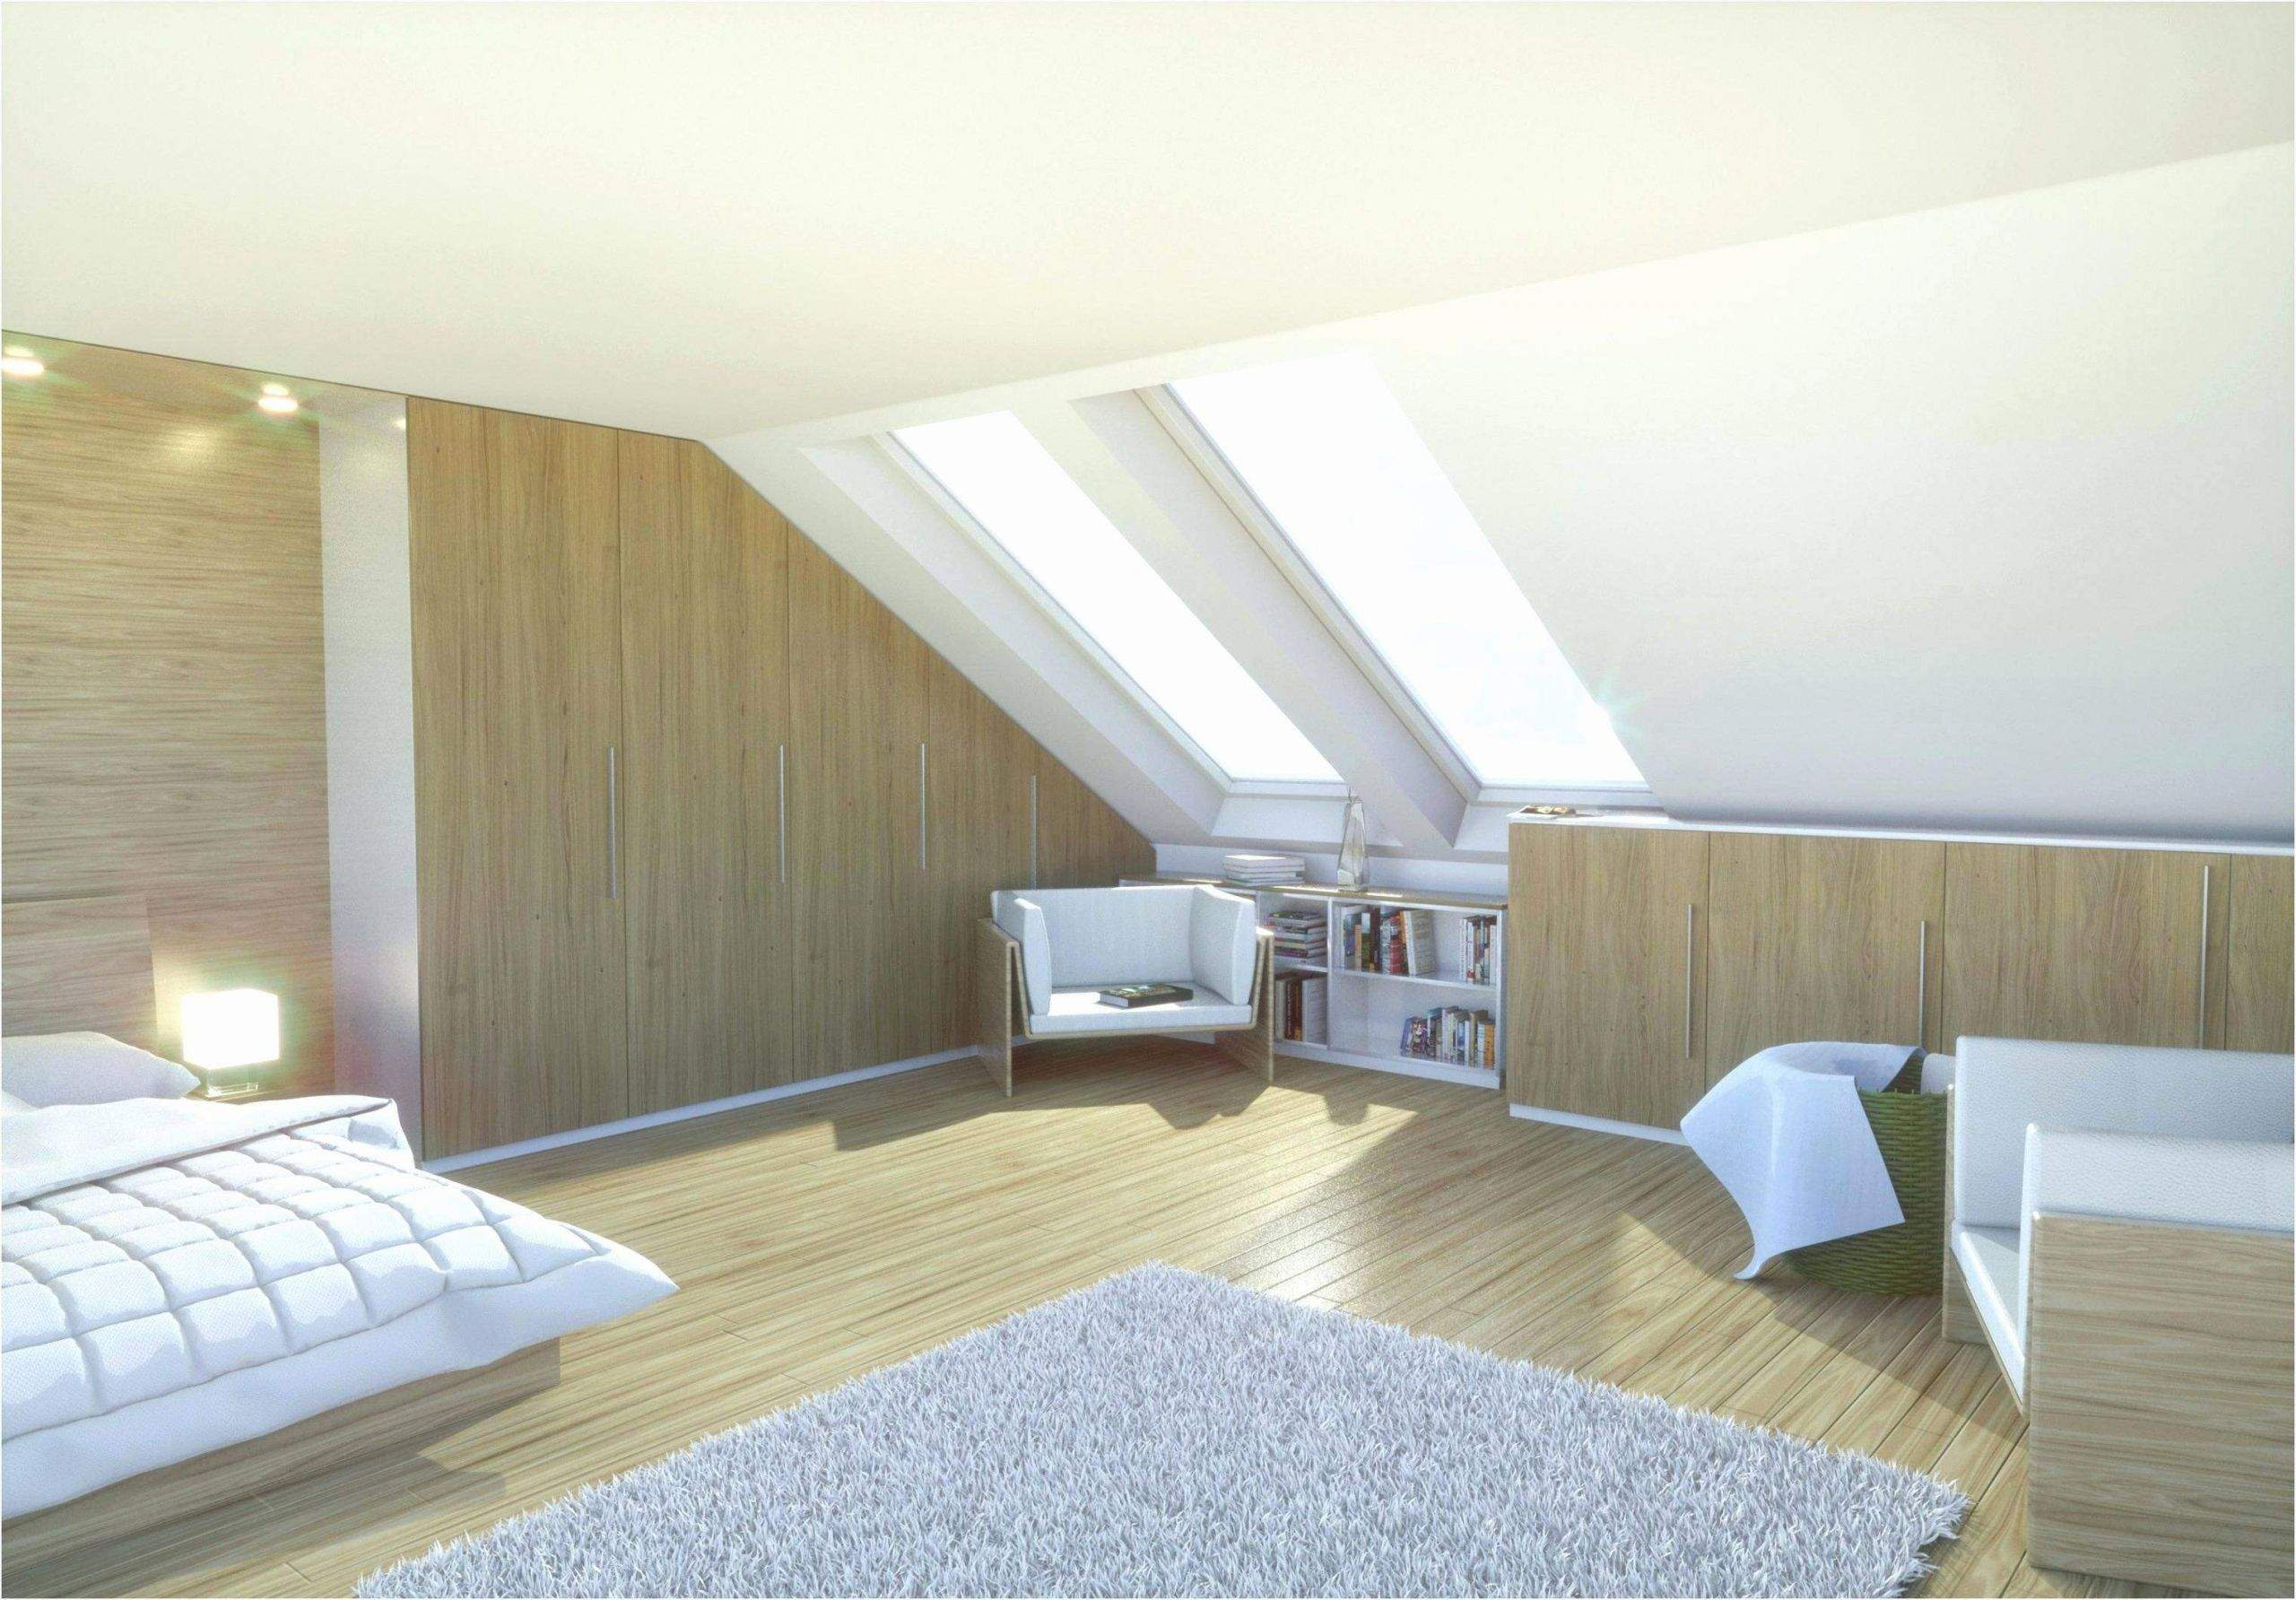 dekoideen wohnzimmer selber machen frisch 39 luxus deko ideen schlafzimmer of dekoideen wohnzimmer selber machen scaled